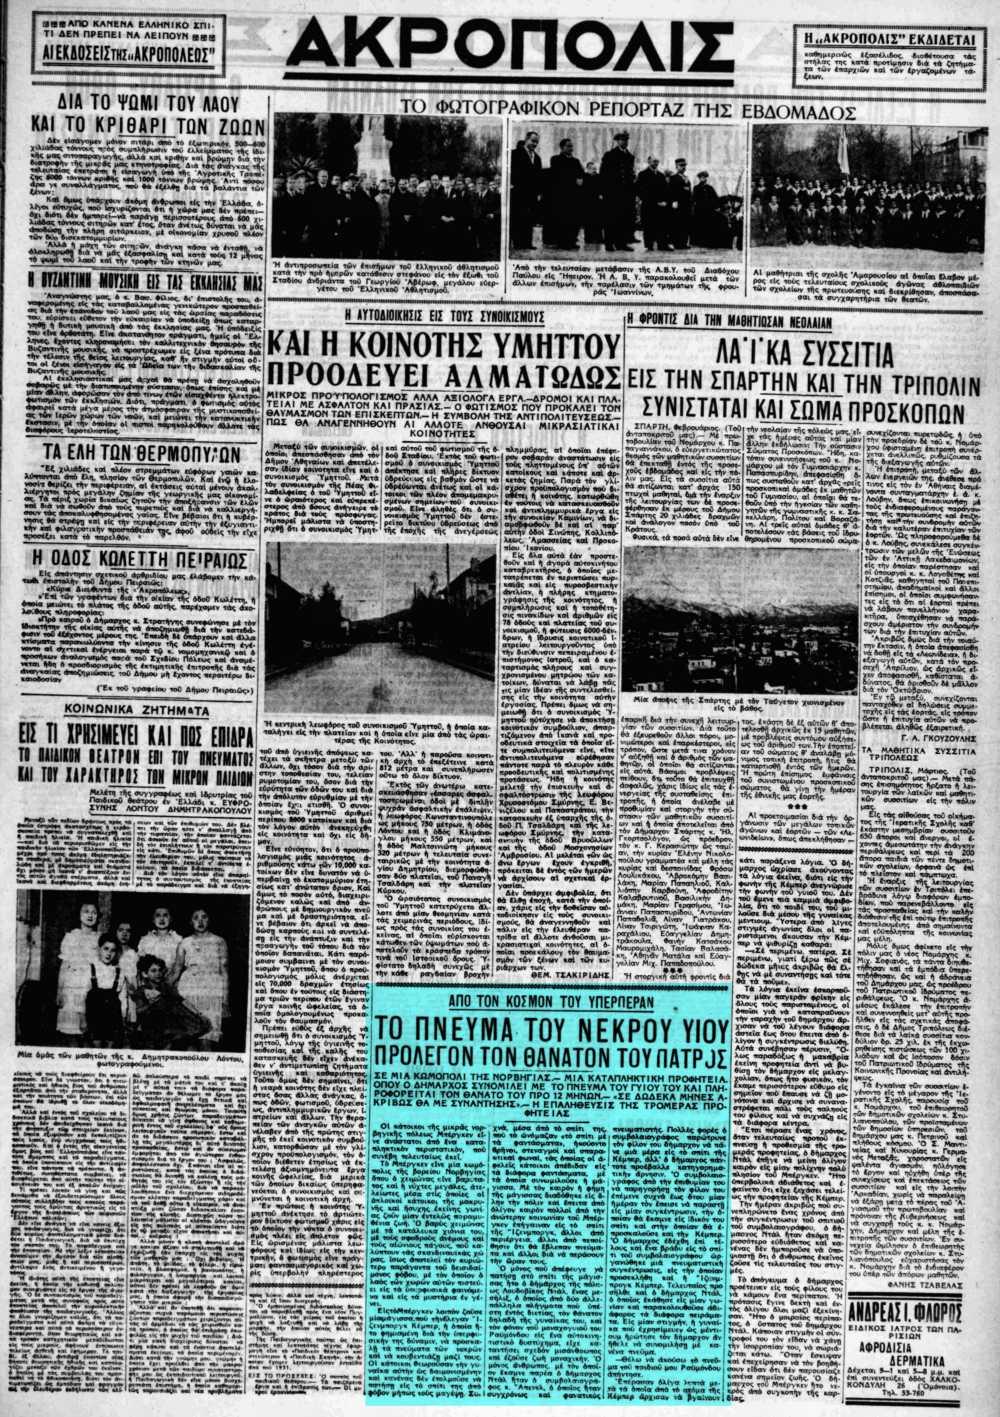 """Το άρθρο, όπως δημοσιεύθηκε στην εφημερίδα """"ΑΚΡΟΠΟΛΙΣ"""", στις 08/03/1937"""